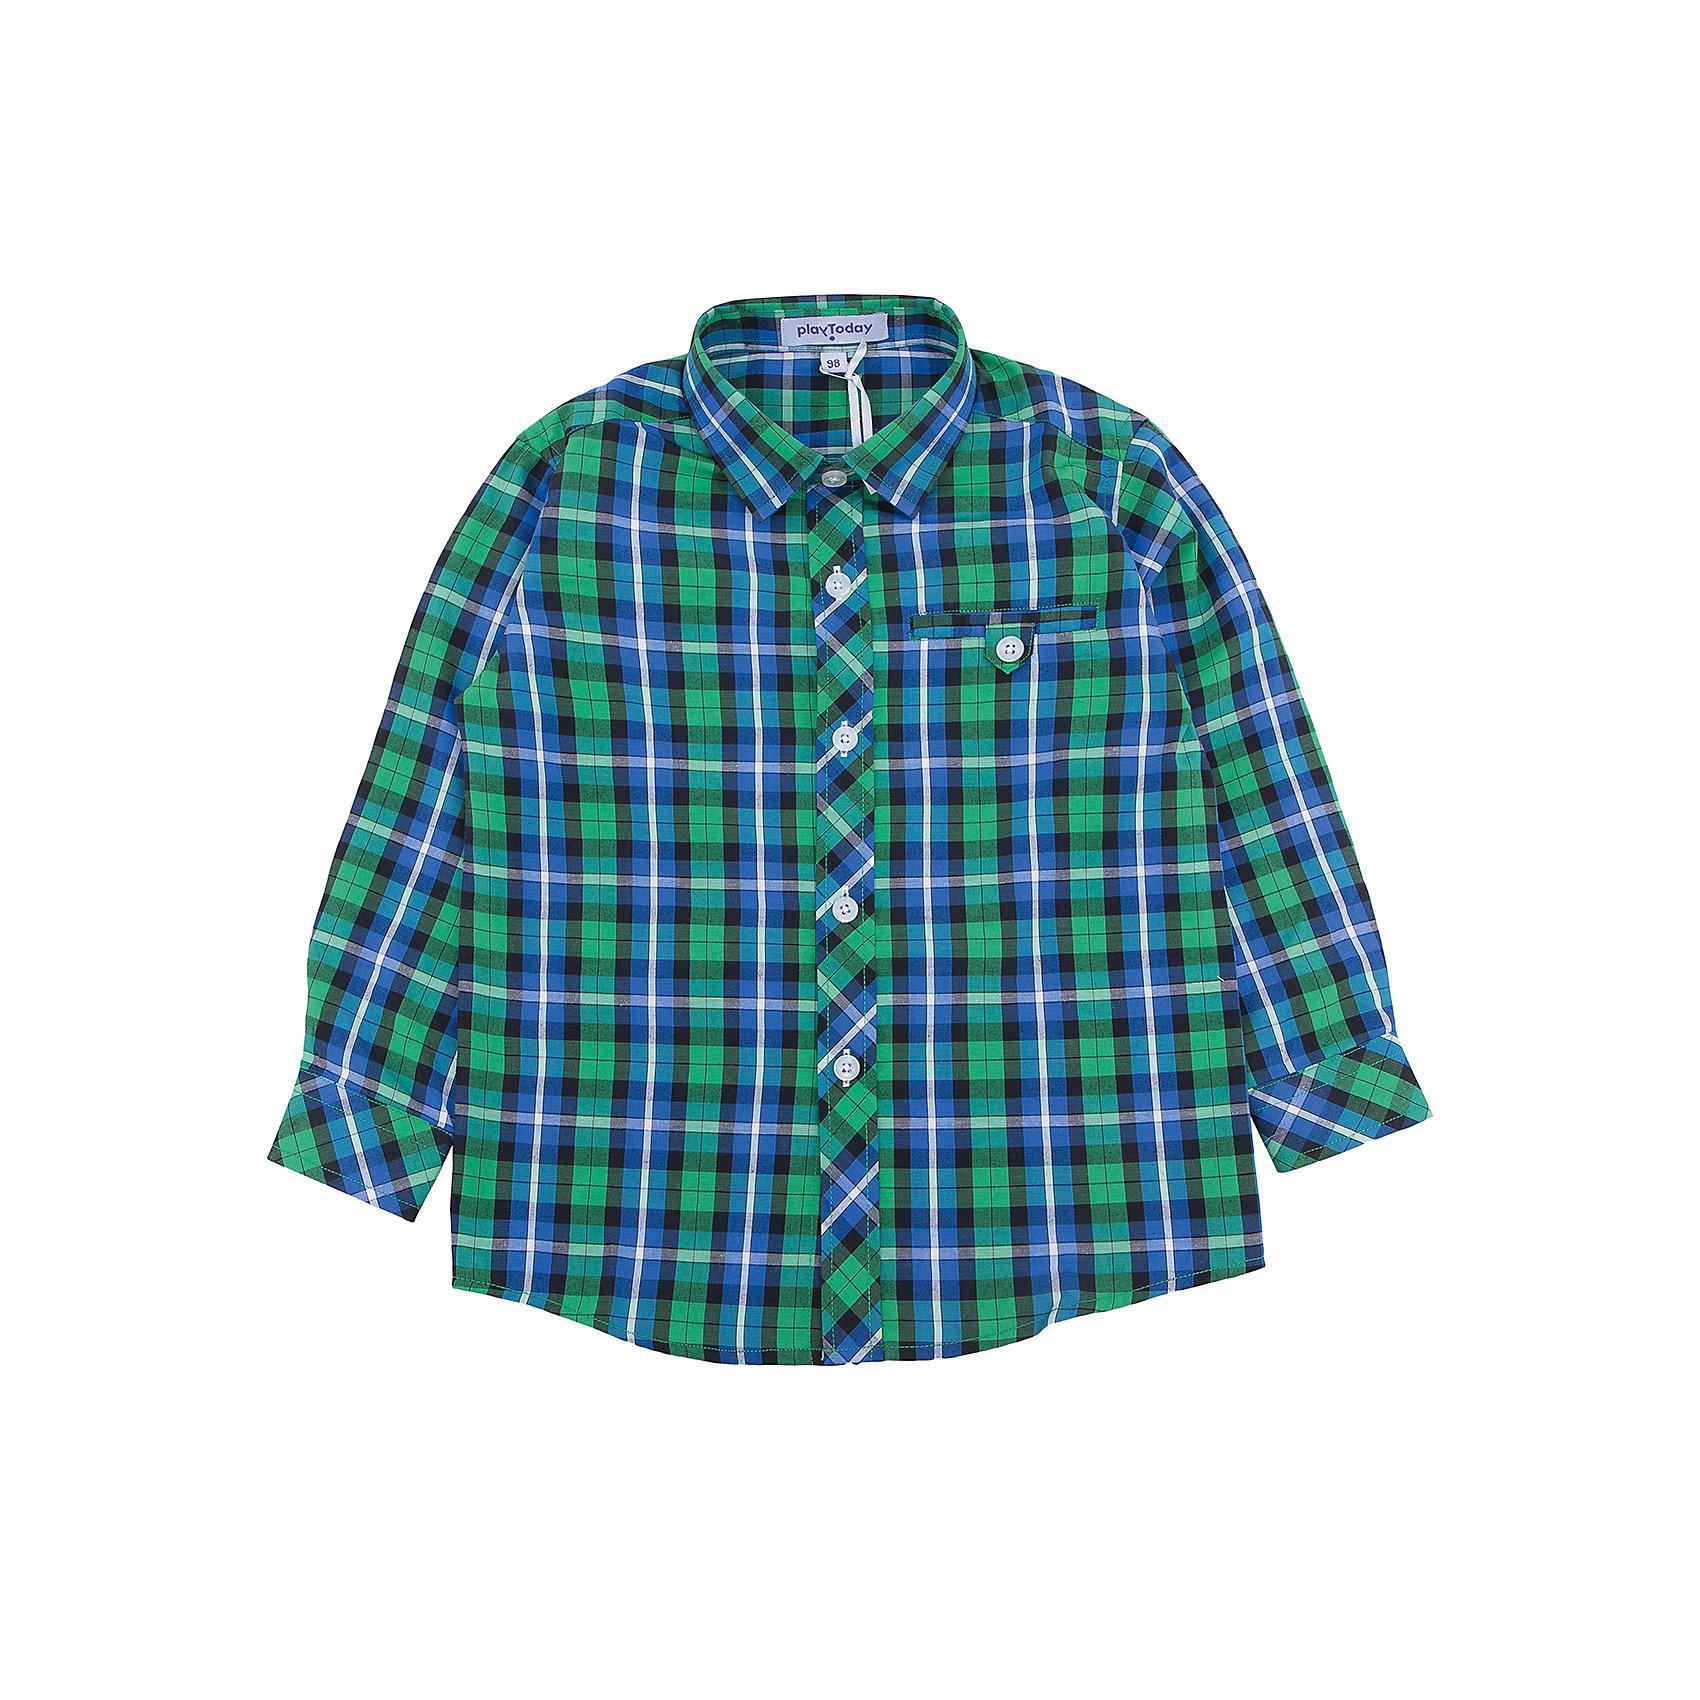 Рубашка для мальчика PlayTodayБлузки и рубашки<br>Рубашка для мальчика от известного бренда PlayToday.<br>Яркая клетчатая сорочка для мальчика. Стильное сочетание цветов - бирюзовый и изумрудно зеленый. Застегивается на прозрачные пуговицы на планке и манжетах. Украшена декоративным карманом на полочке.<br>Состав:<br>65% полиэстер, 35% хлопок<br><br>Ширина мм: 174<br>Глубина мм: 10<br>Высота мм: 169<br>Вес г: 157<br>Цвет: разноцветный<br>Возраст от месяцев: 24<br>Возраст до месяцев: 36<br>Пол: Мужской<br>Возраст: Детский<br>Размер: 98,104,128,110,116,122<br>SKU: 4898166